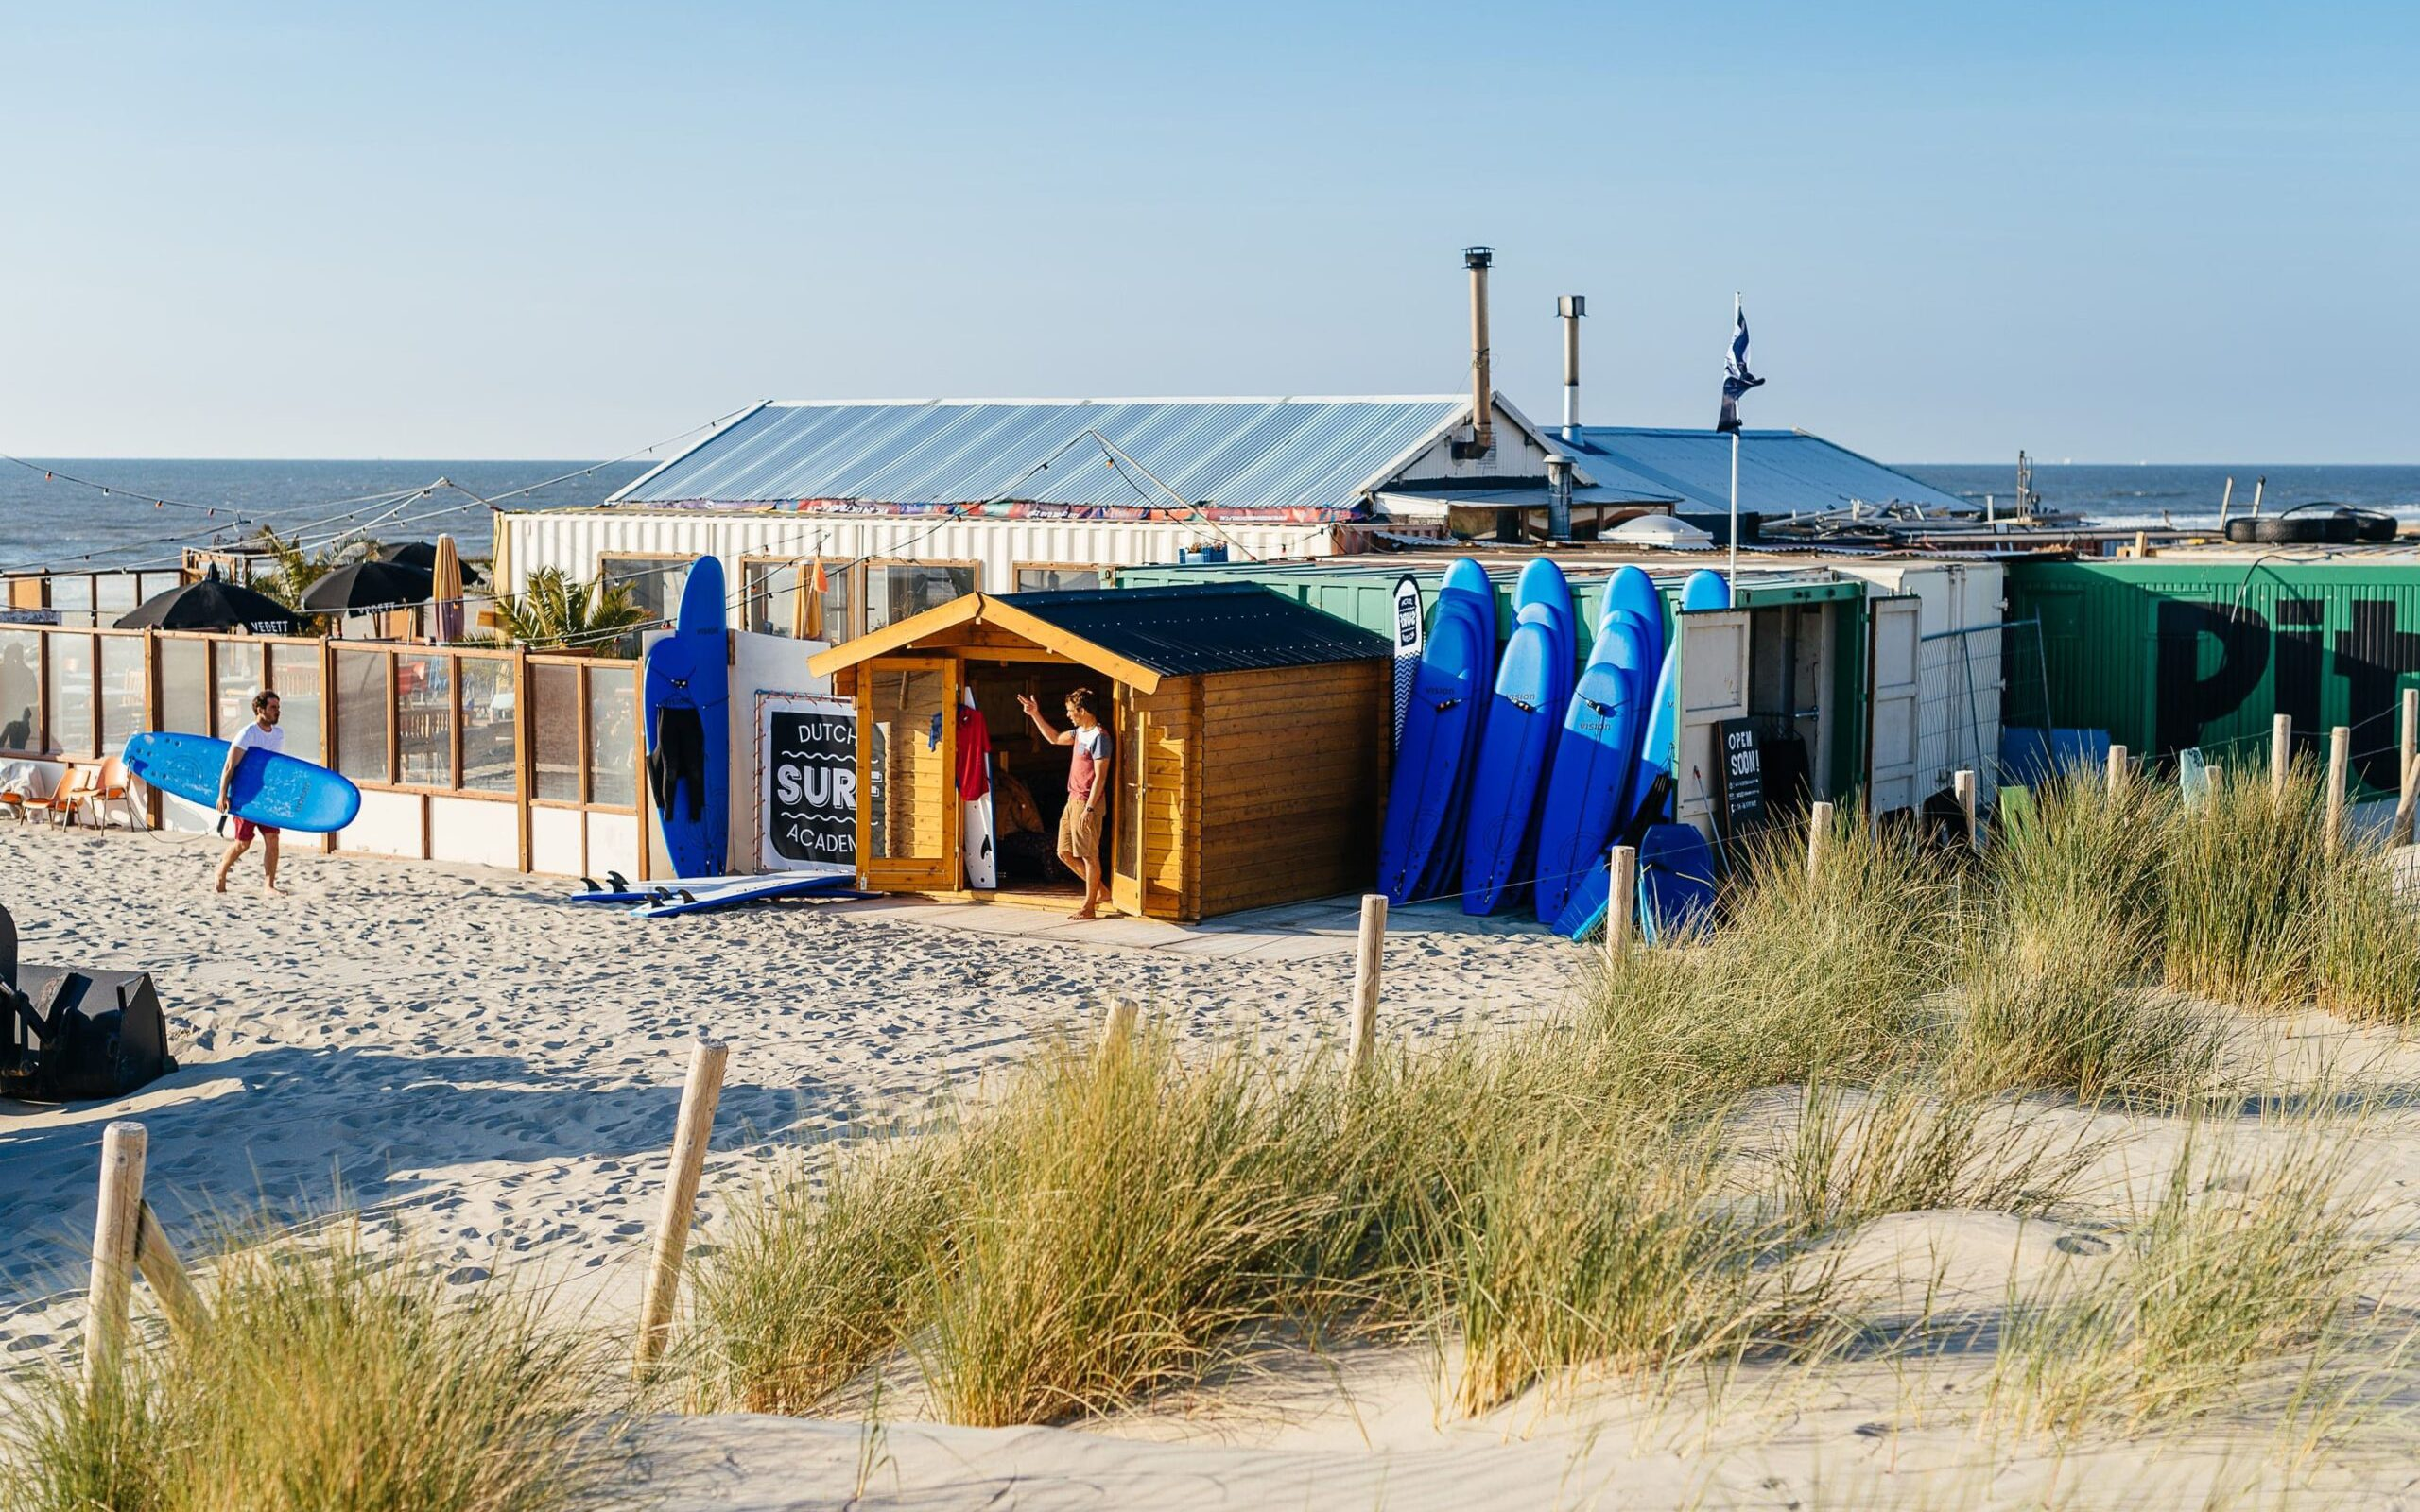 surfschool in Nederland met surfboards